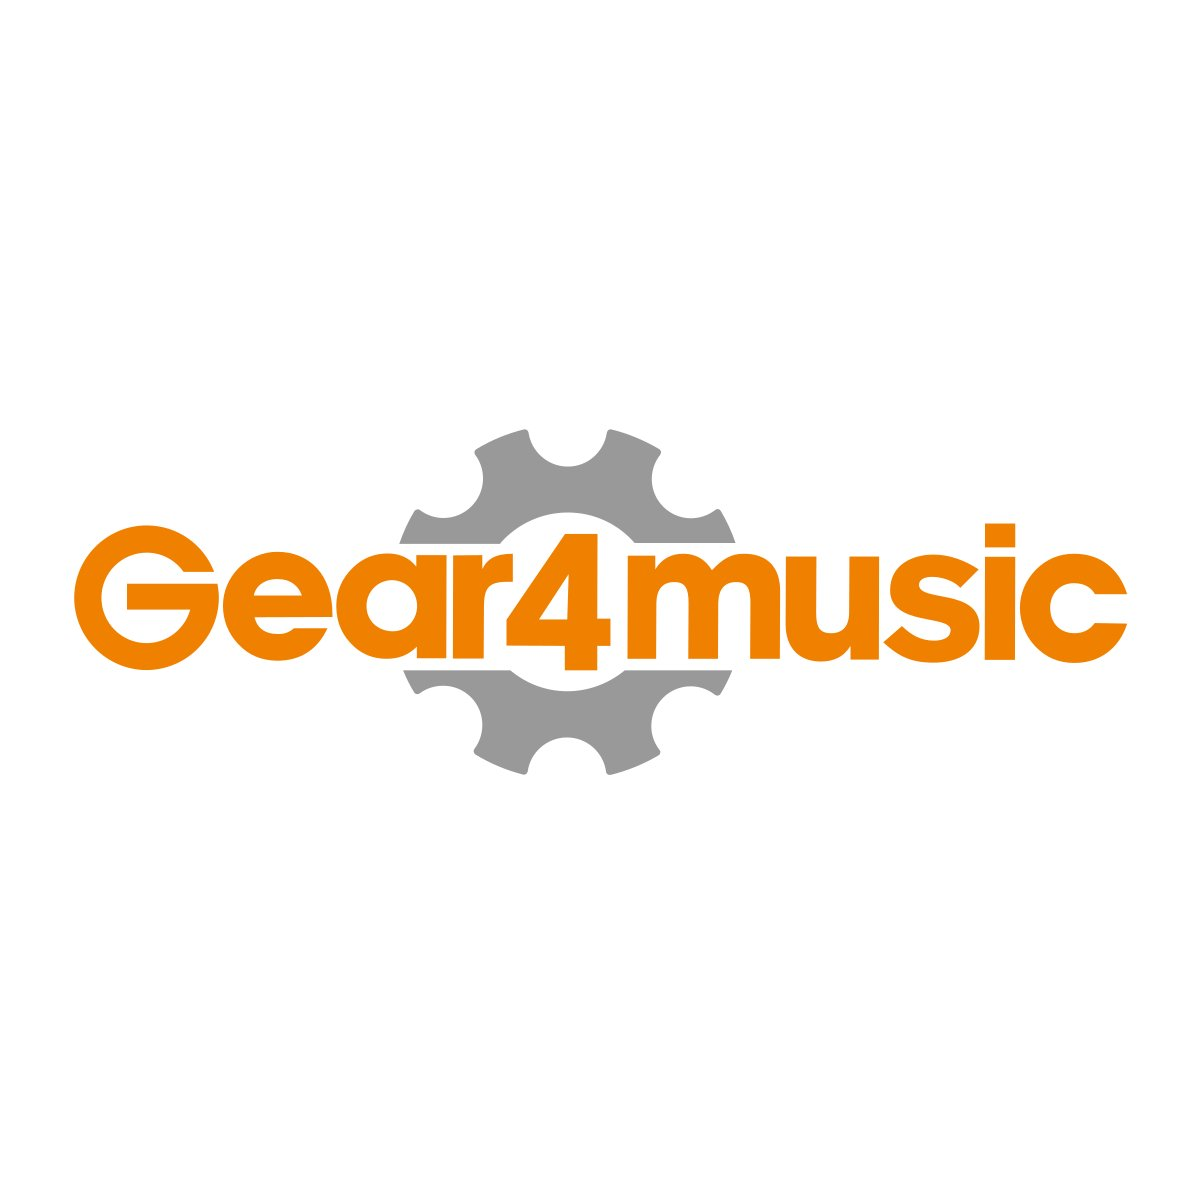 Elektro-akustična 5-strunska bas kitara od Gear4music